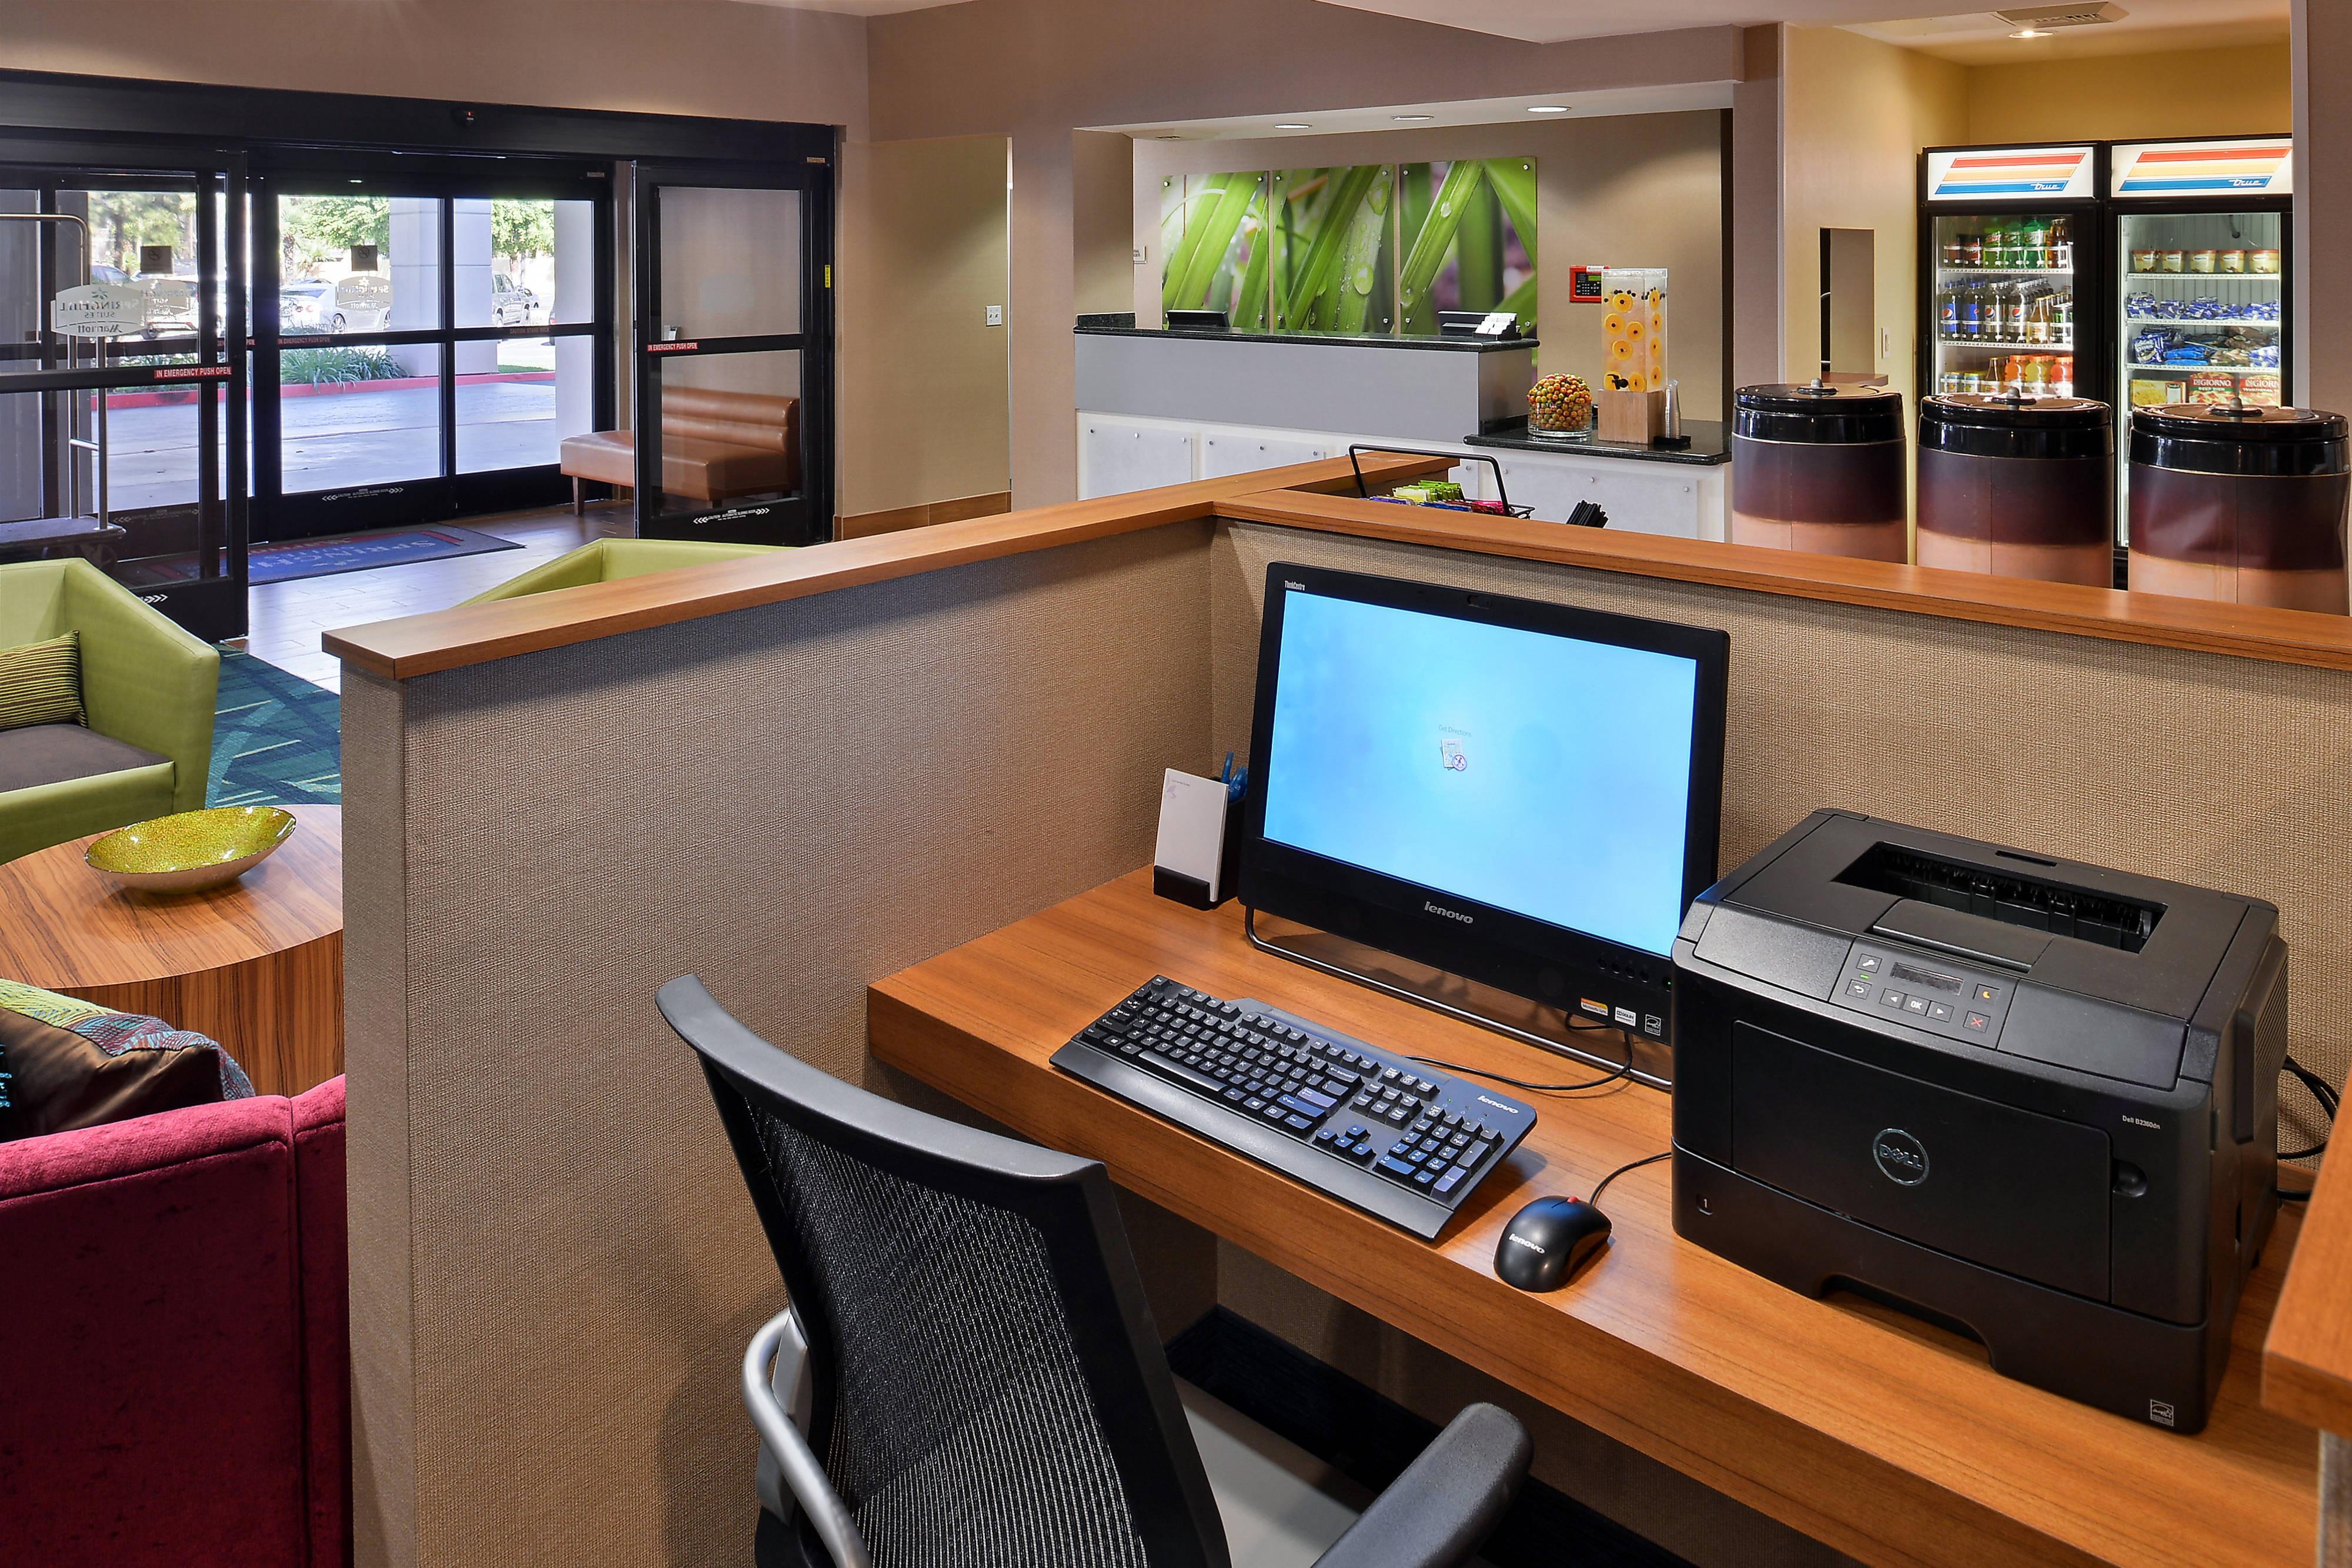 Centre d'affaires de l'hôtel SpringHill Suites Pasadena Arcadia